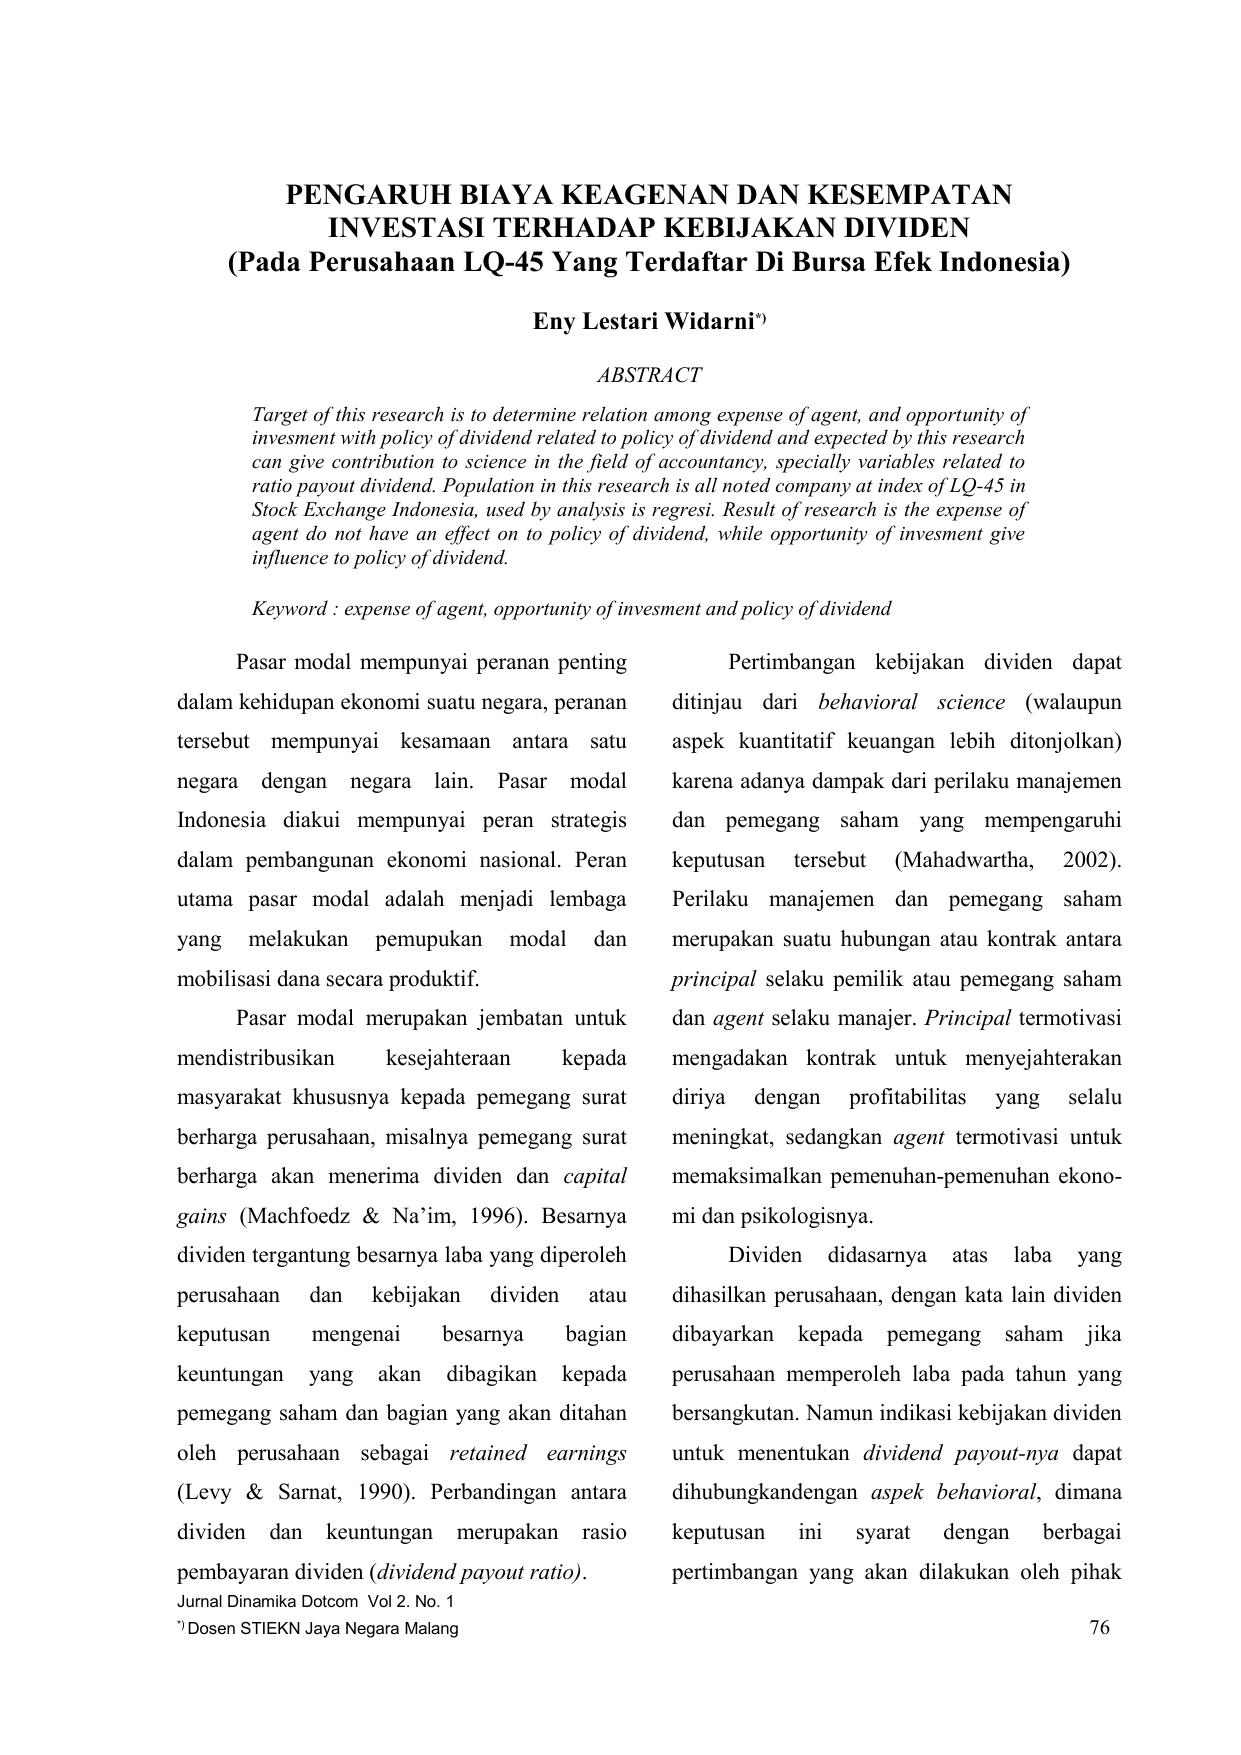 penilaian opsi panggilan indonesia pada tes empiris saham pembayar dividen